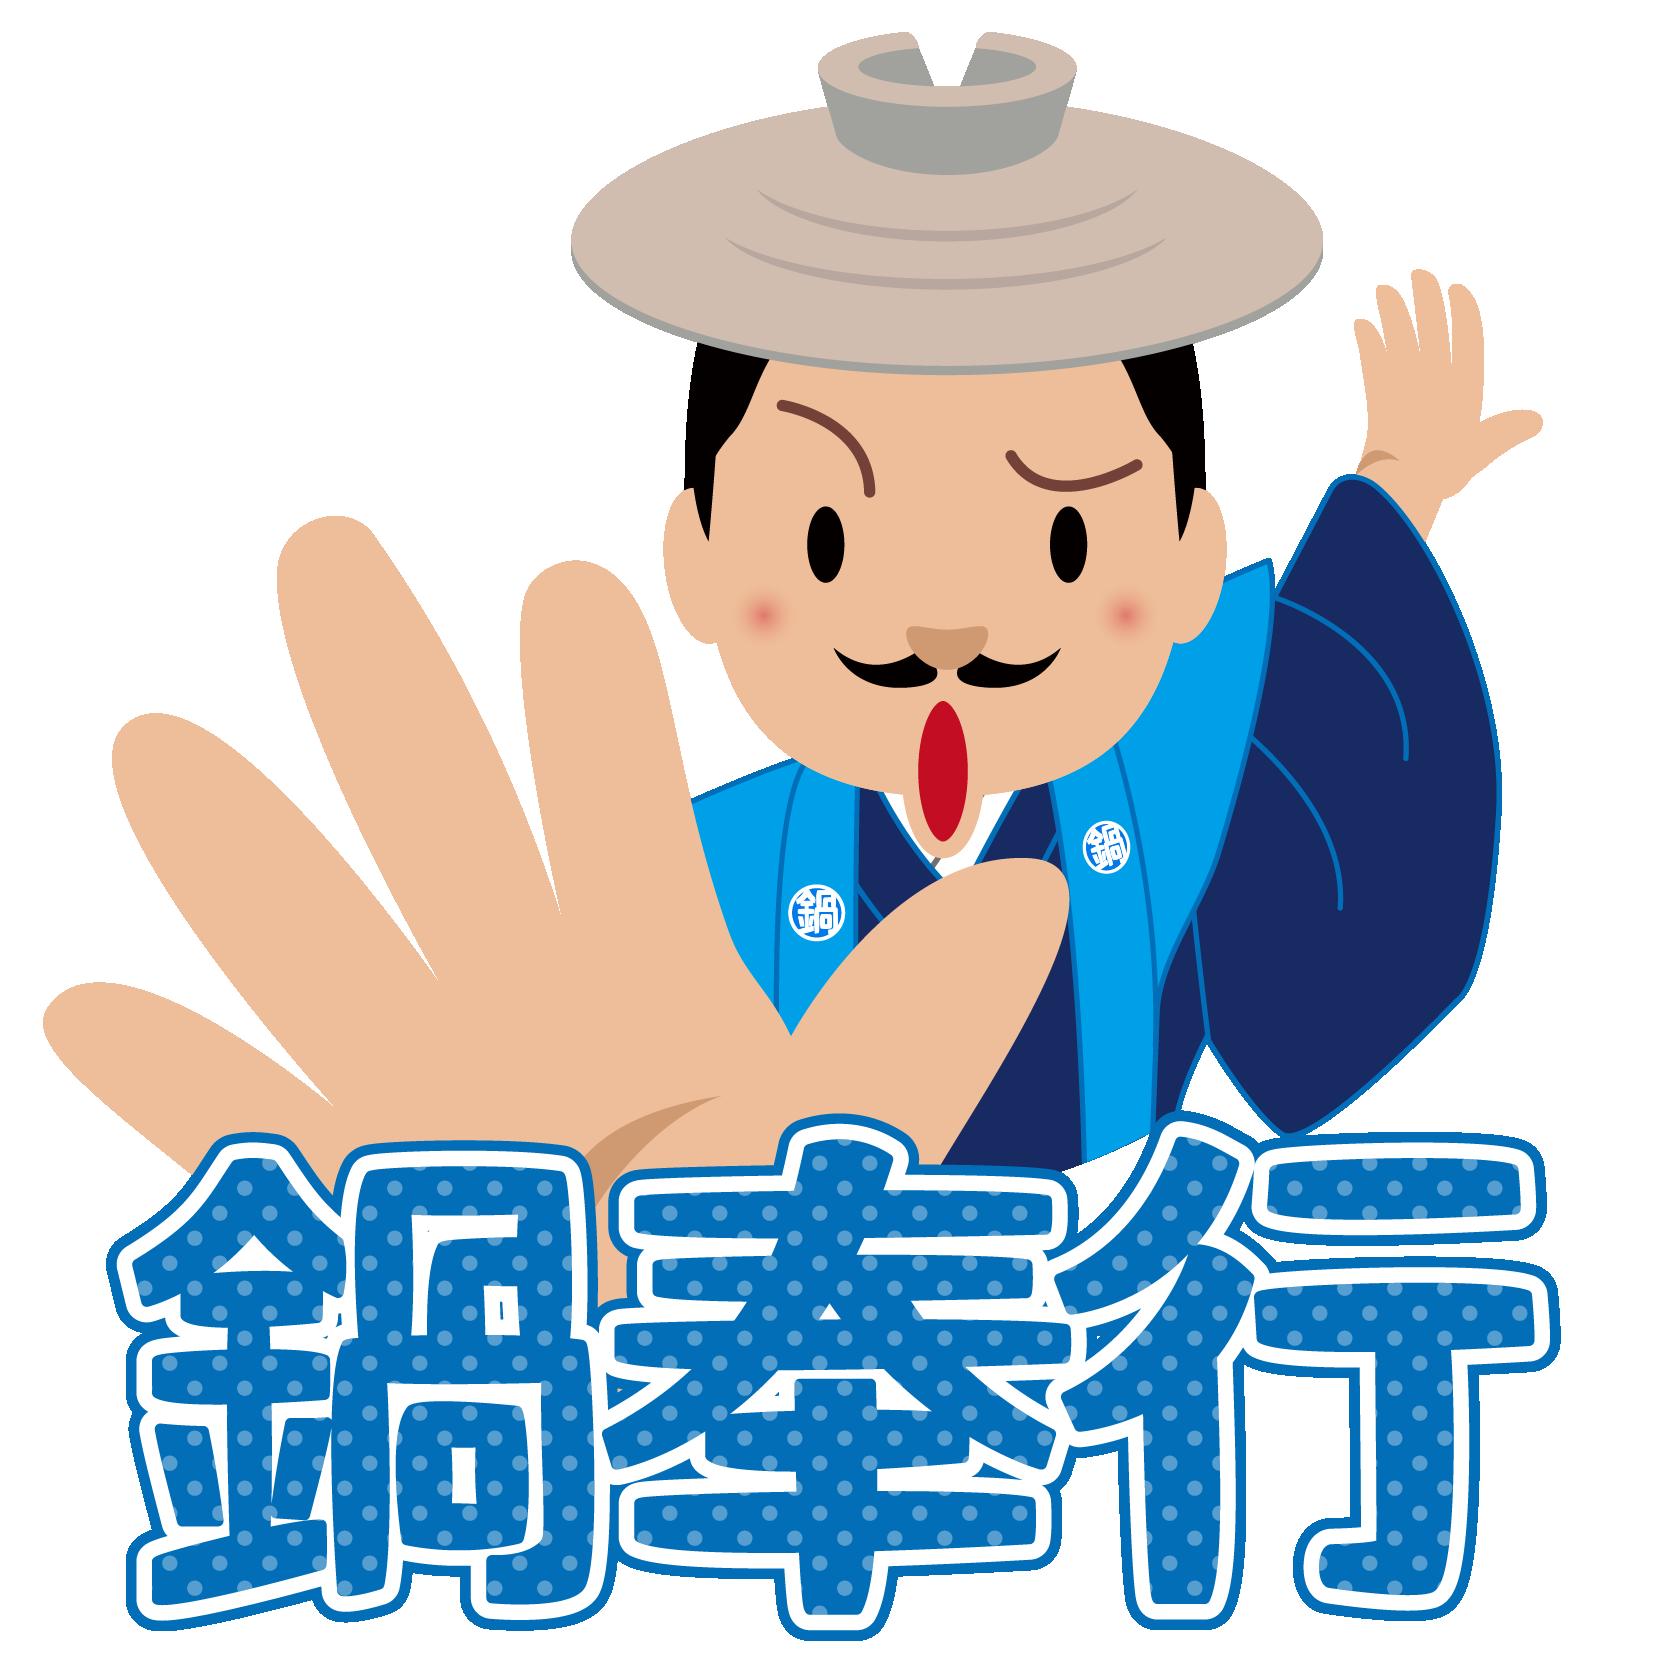 商用フリー・無料イラスト_鍋奉行_08